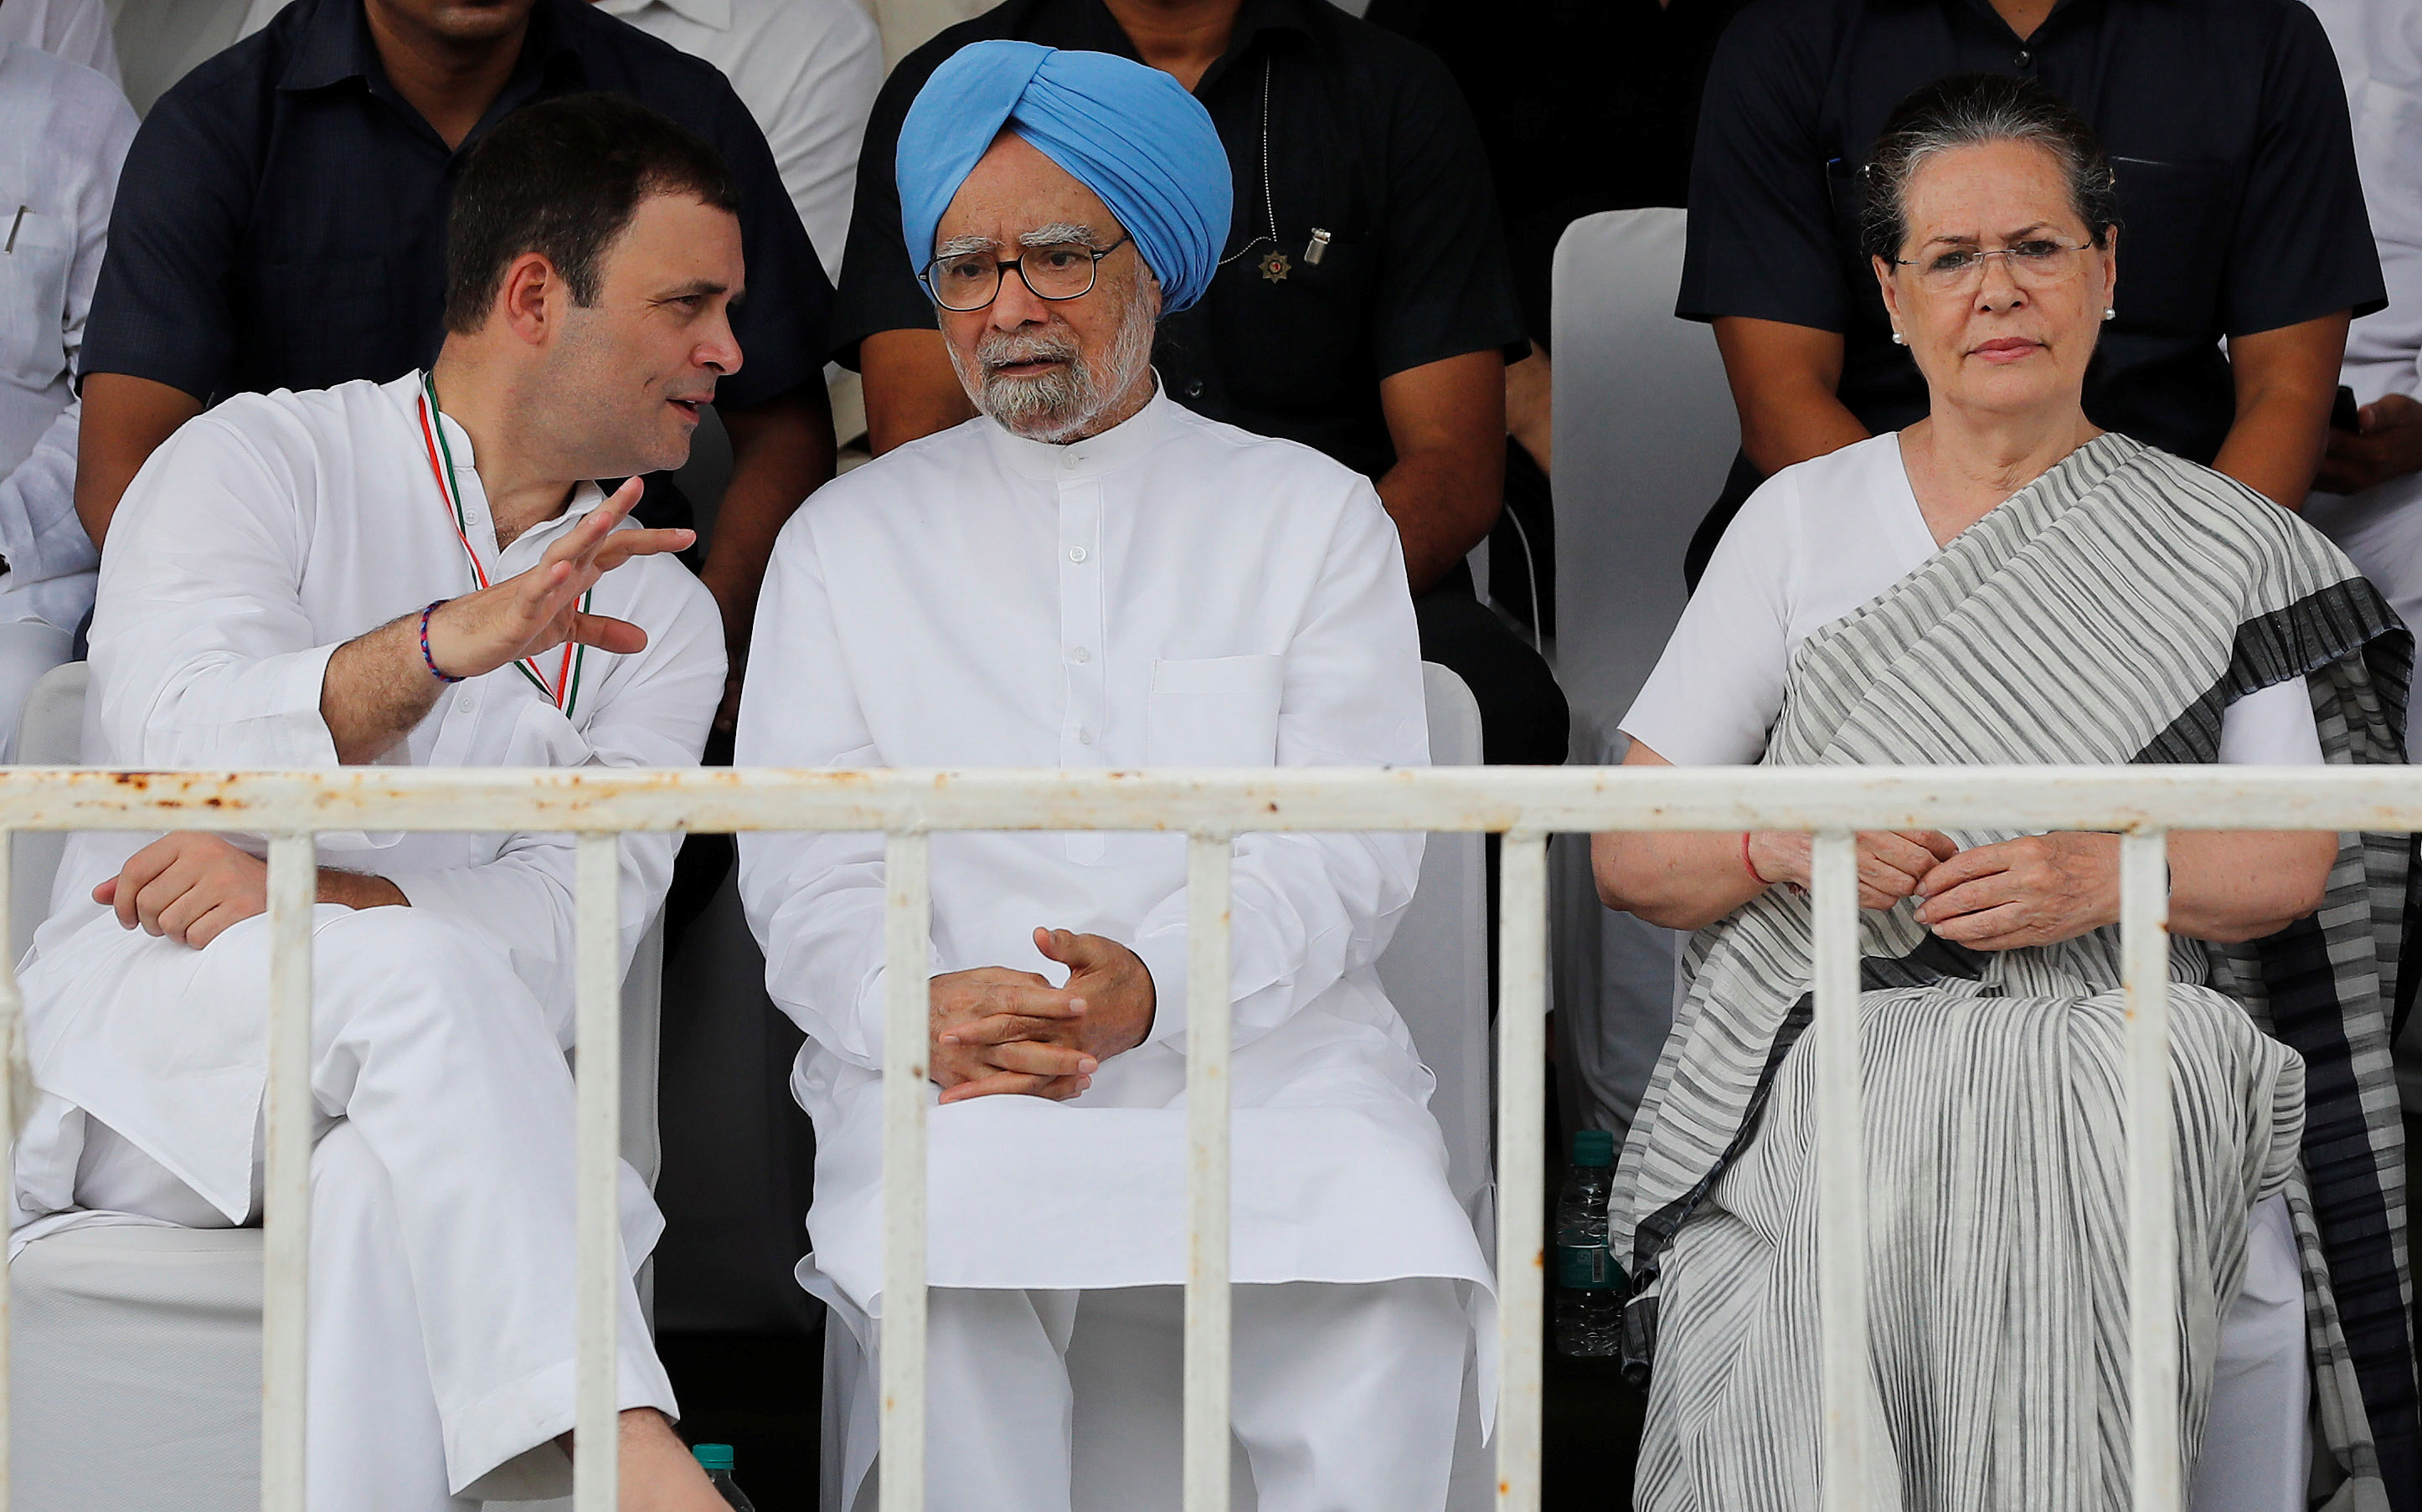 راهول غاندى رئيس حزب المؤتمر يتحدث إلى رئيس الوزراء الهندى السابق مانموهان سينج خلال الاحتجاج على أسعار البنزين فى نيودلهى